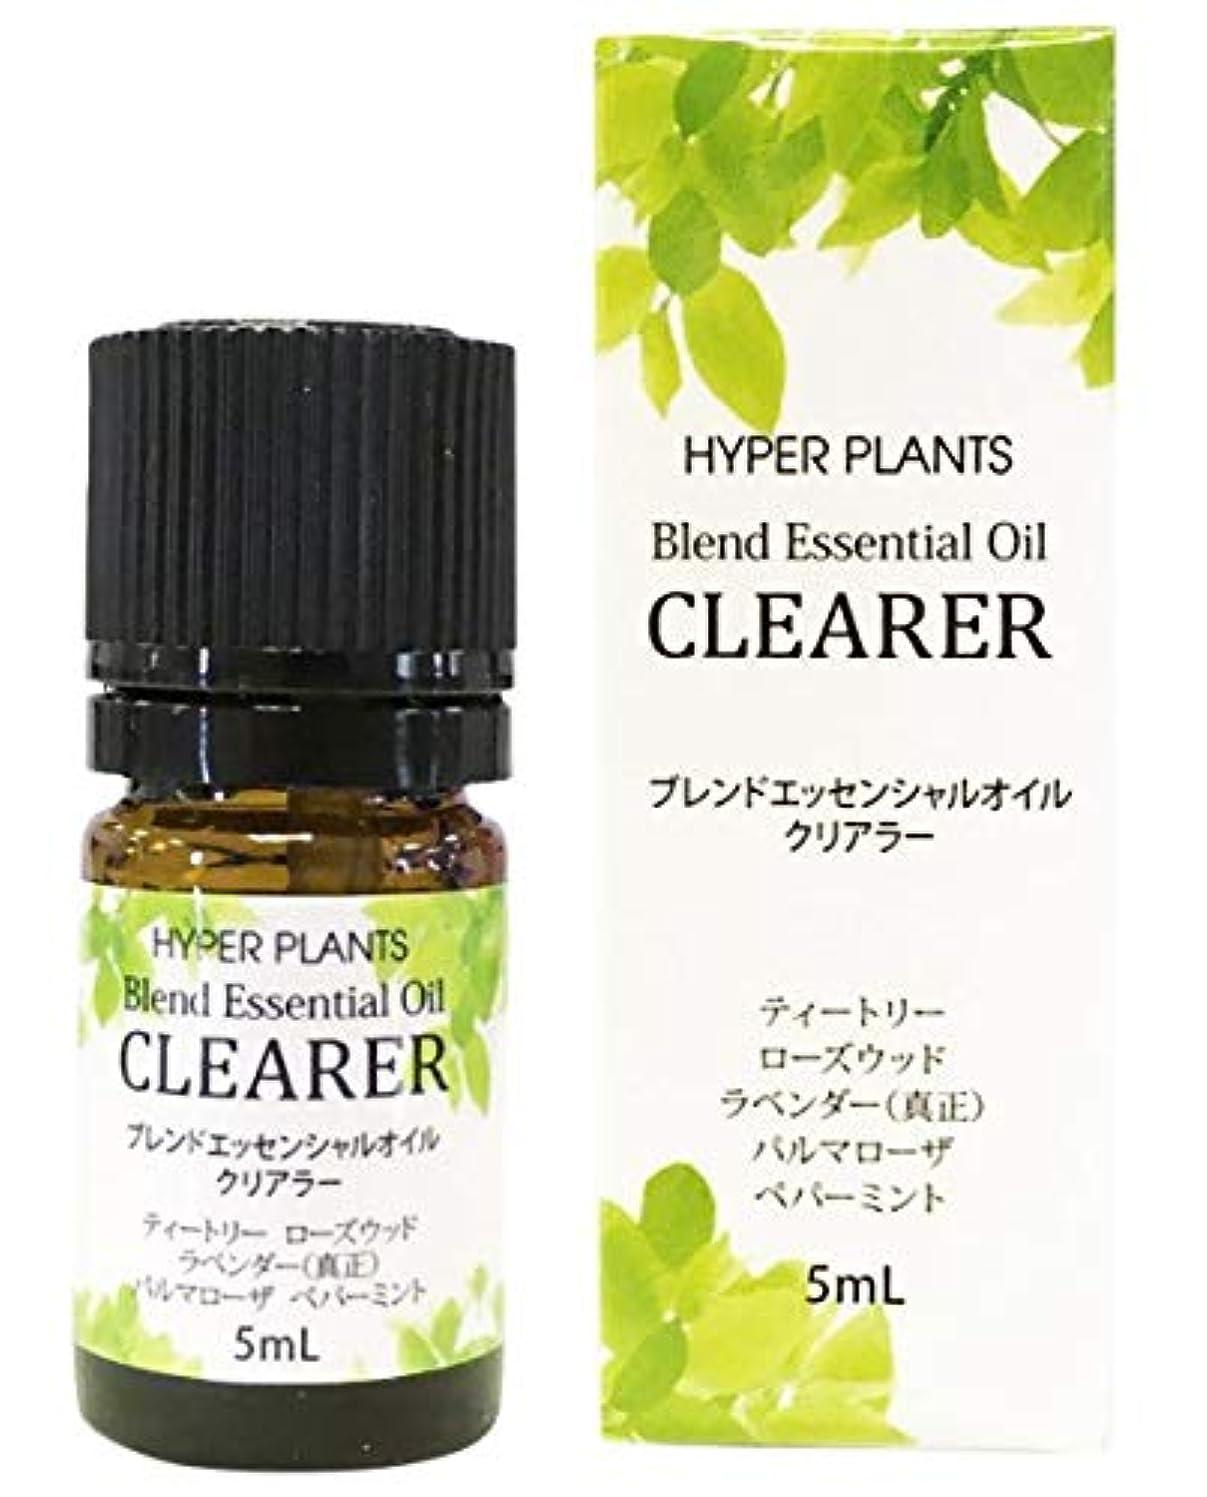 番目クランプ真珠のようなHYPER PLANTS ハイパープランツ ブレンドエッセンシャルオイル クリアラー 5ml